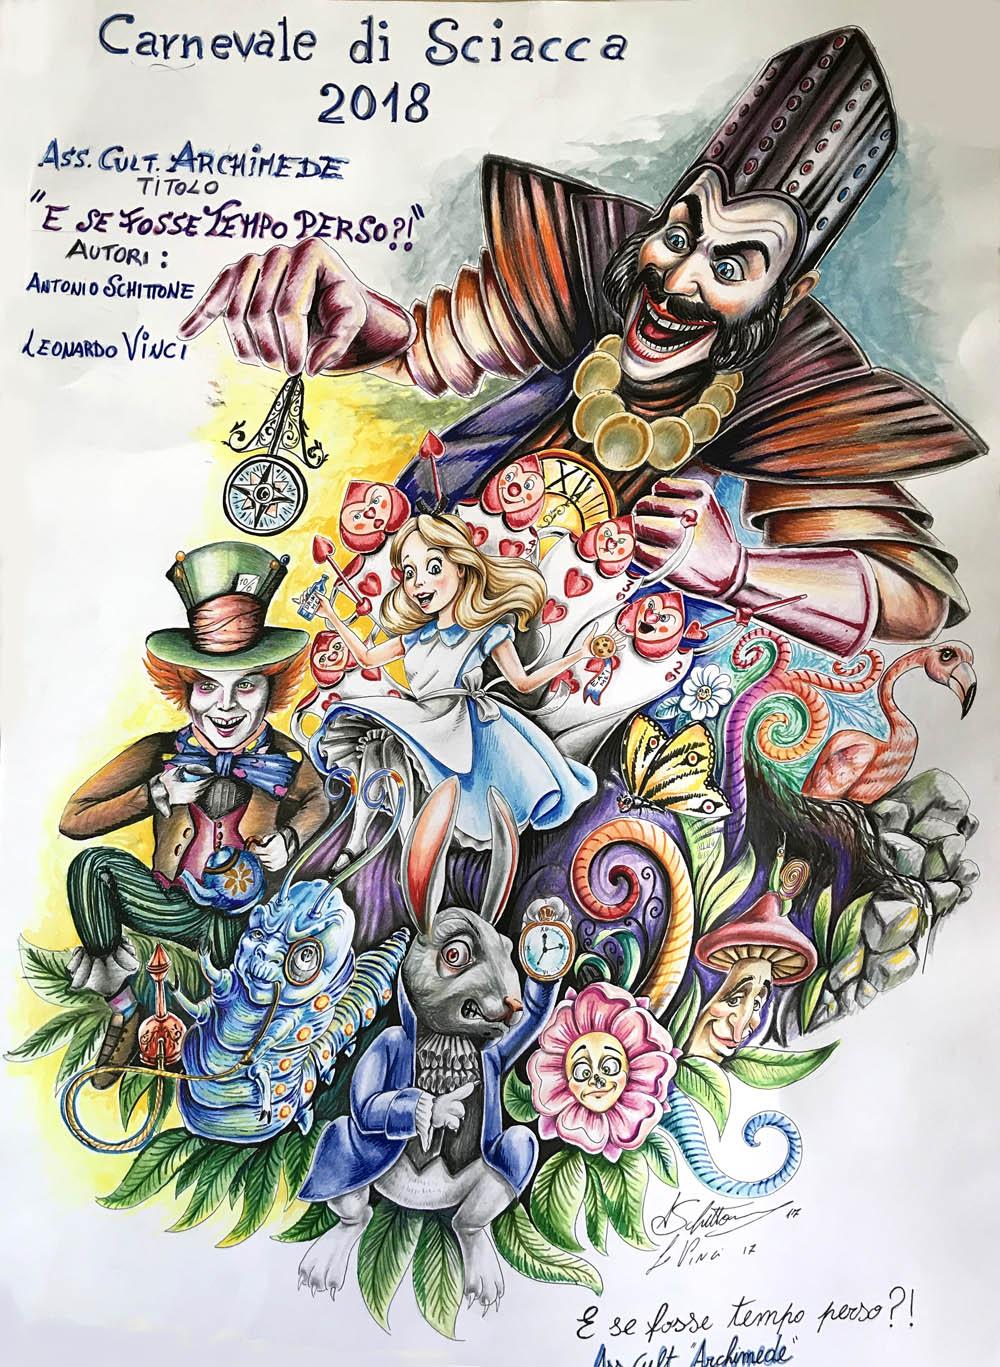 Carnevale Di Sciacca 2018 I Bozzetti Dei Carri Allegorici Comune